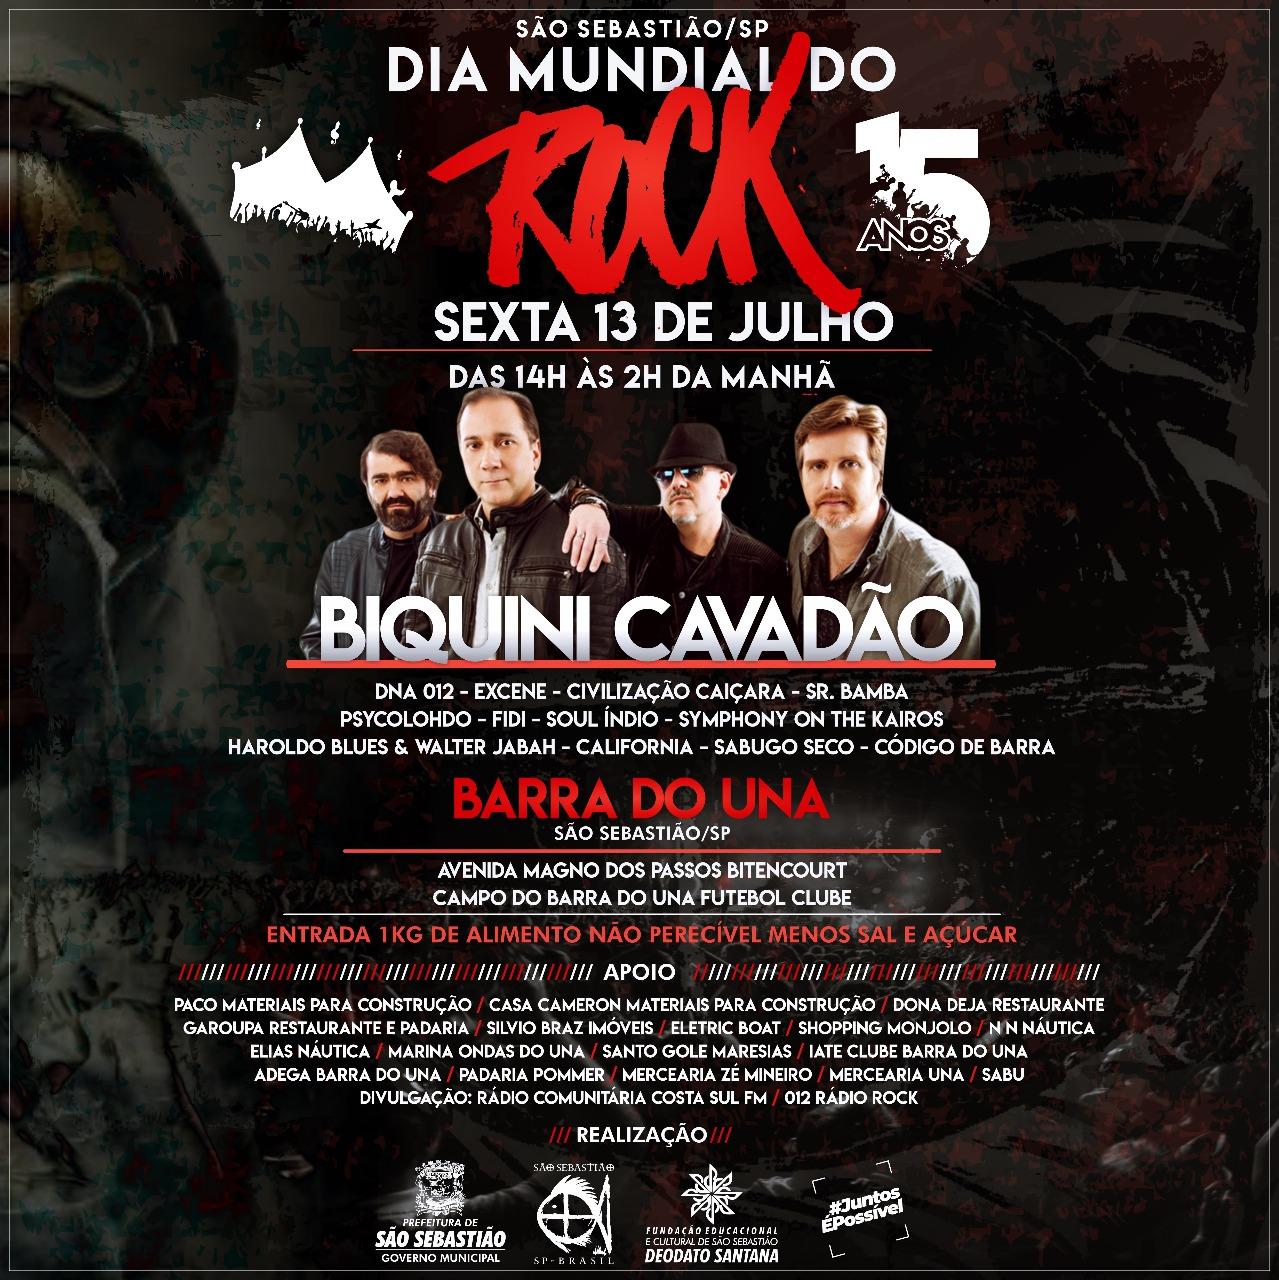 O rock and roll também vai rolar para comemorar o dia mundial do rock df17d50599600